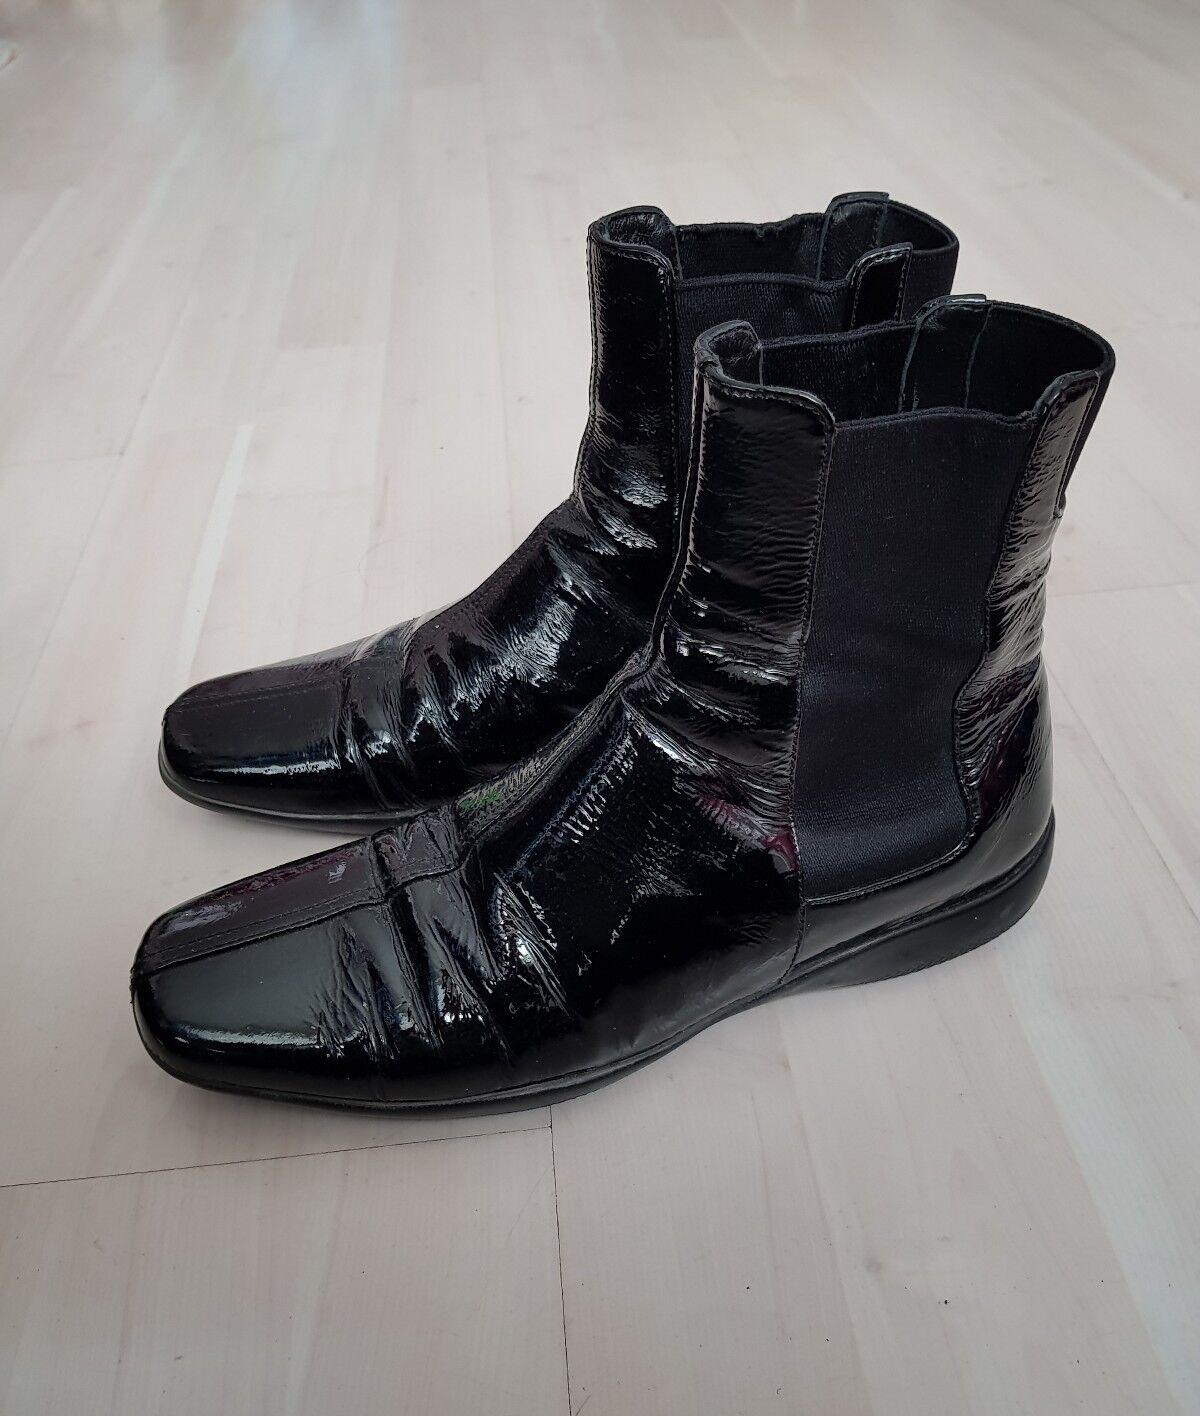 Prada Stiefel Größe 37 getragen getragen 37 3a212b